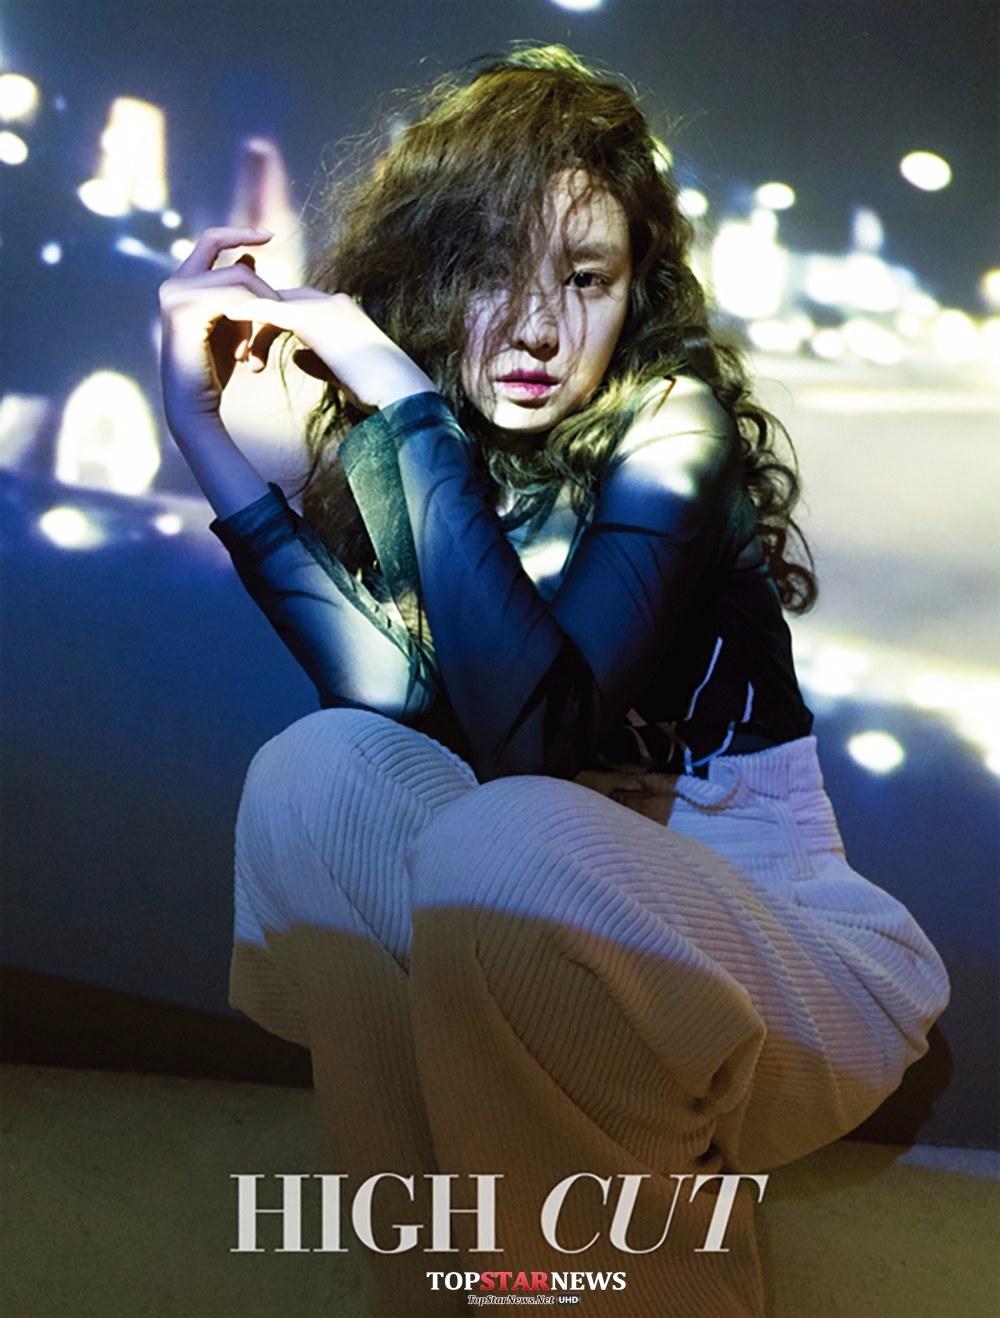 雖然頭髮亂亂der又遮住一邊臉~但是娜恩的表情和燈光打的很棒,這張超級有氣氛!!!